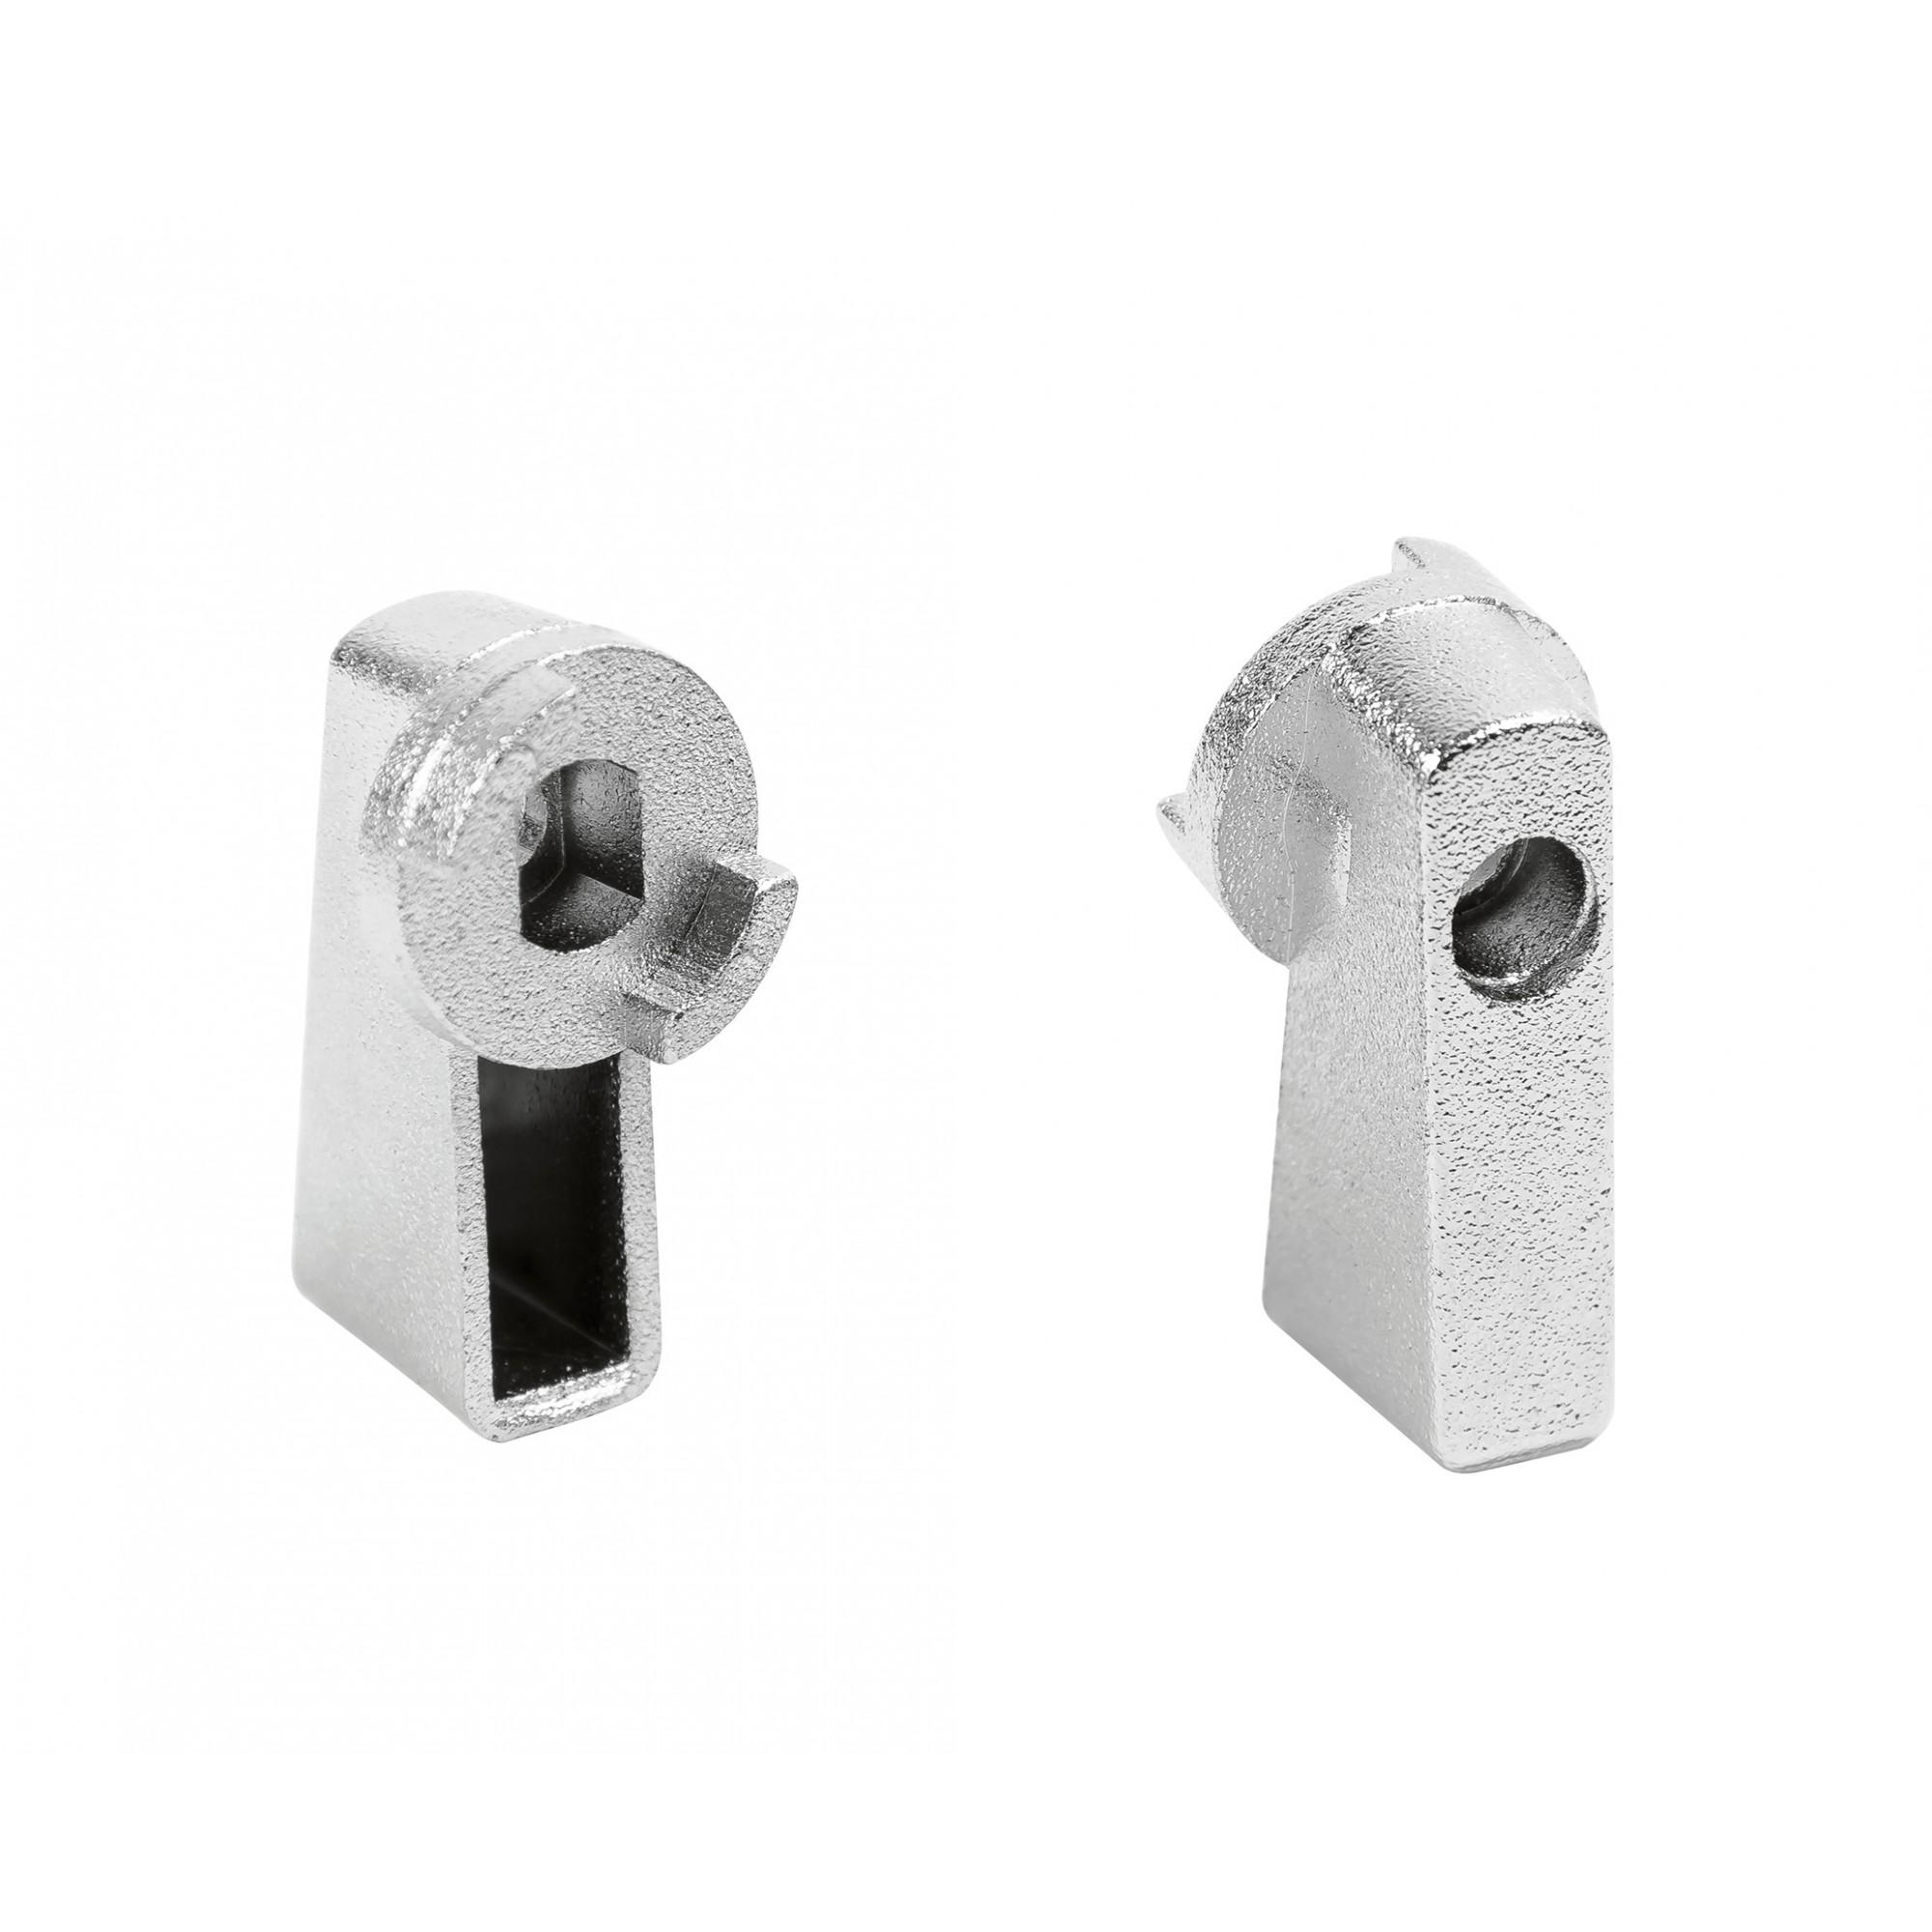 Ручка металлическая на кран для стираной машинки ANGO №9 ANGO - 1